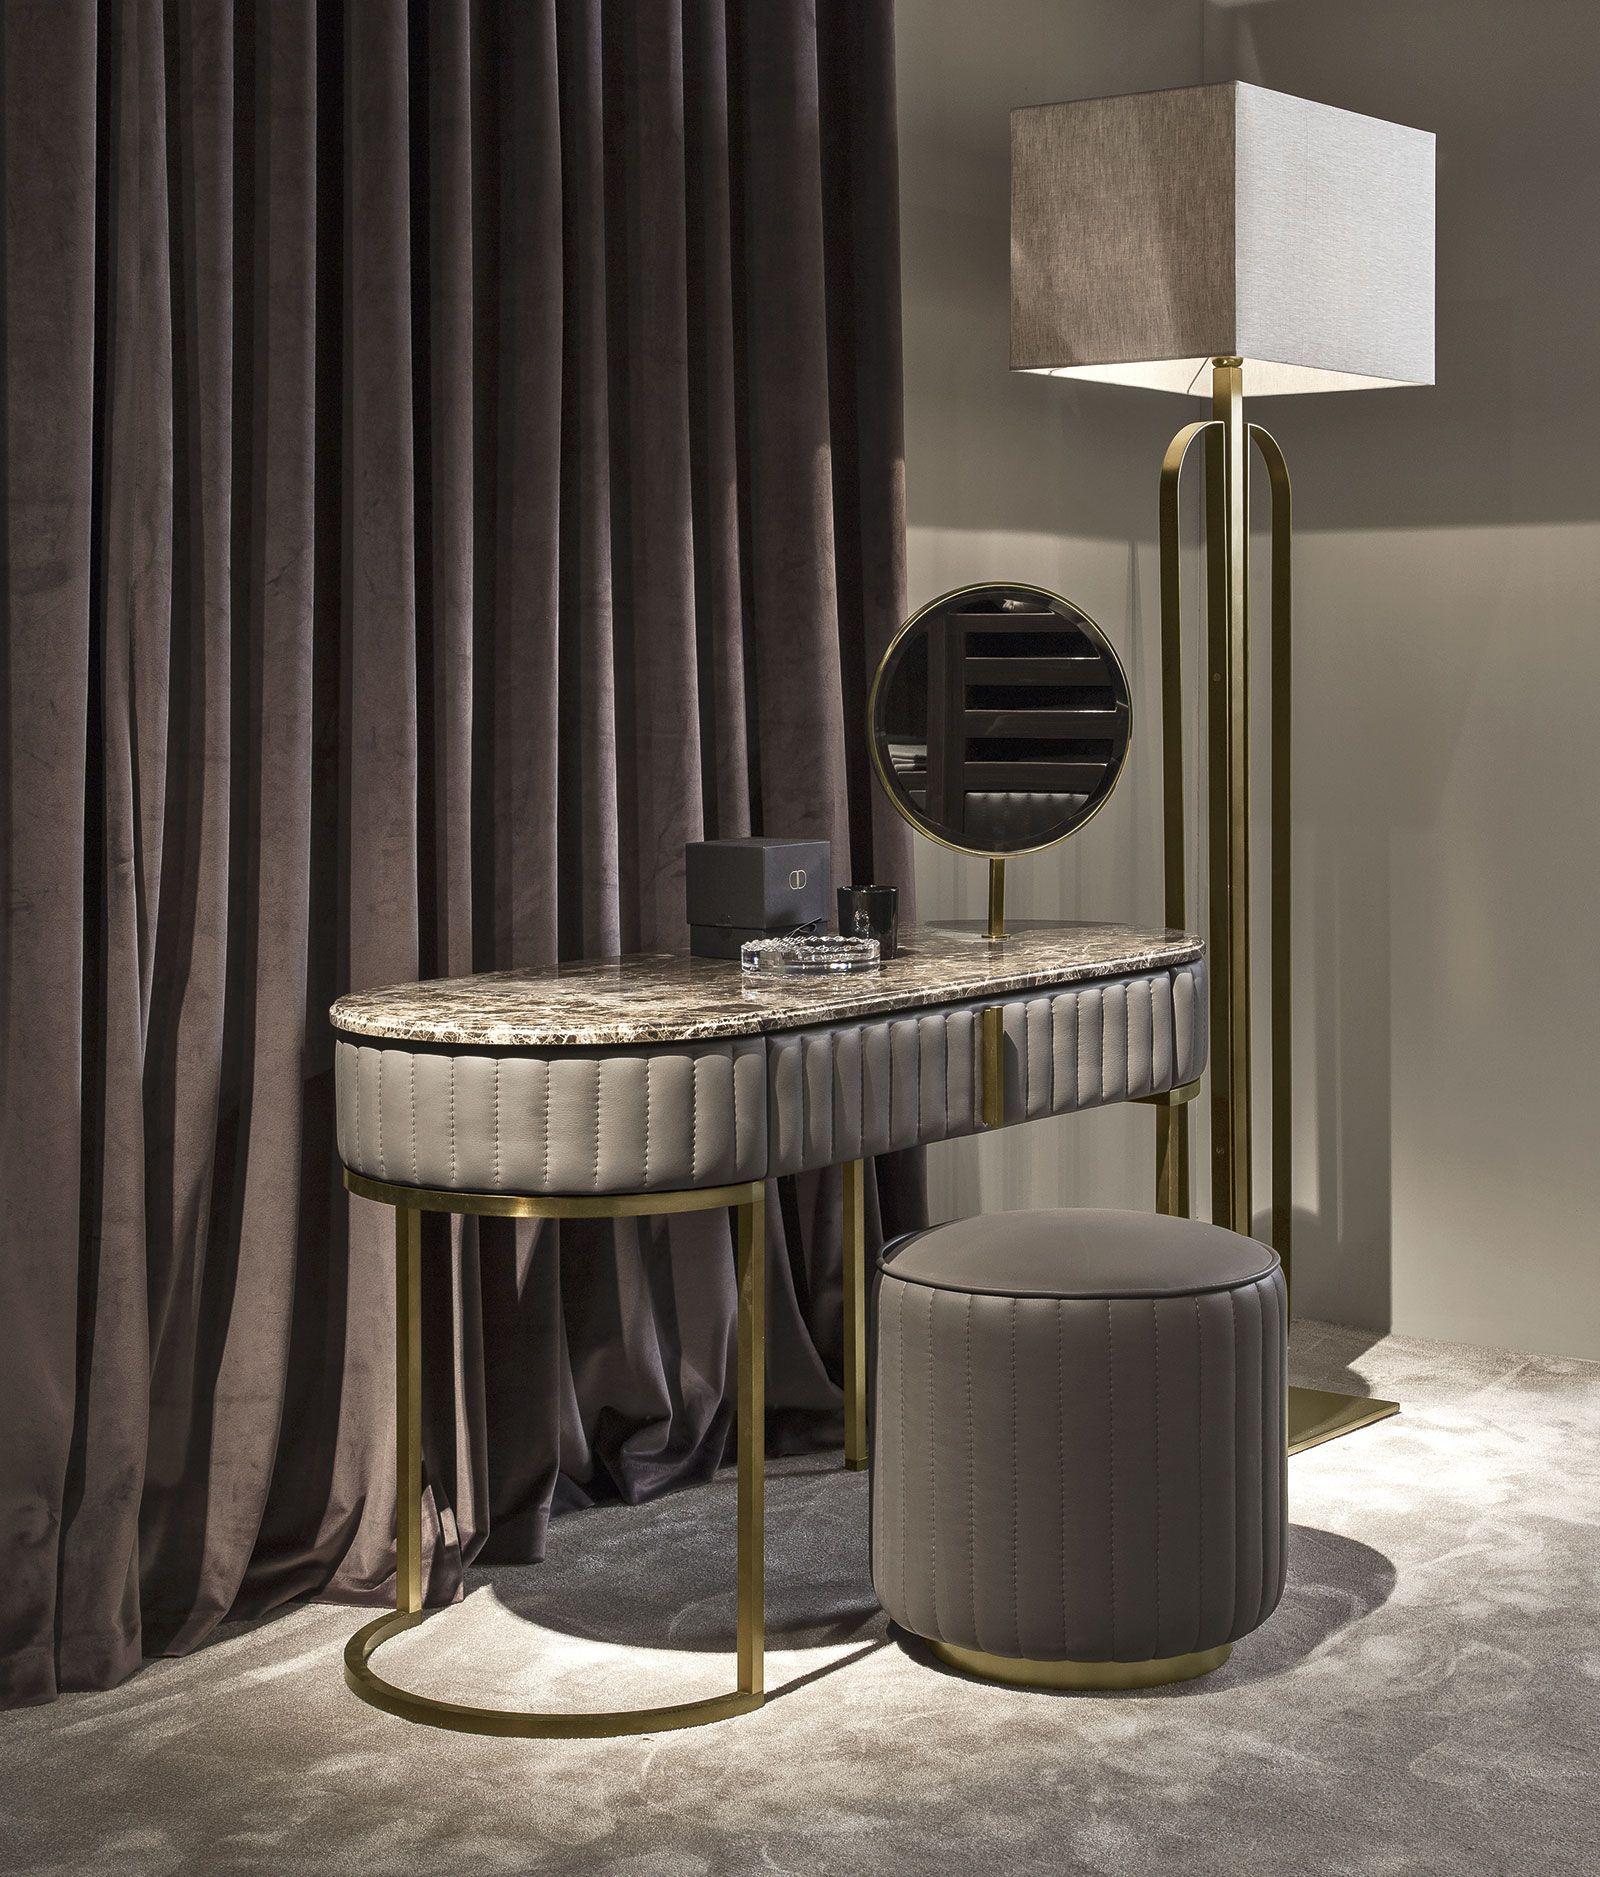 Daytona arredamento contemporaneo moderno di lusso e mobili stile art dec per la casa dal - Mobili stile anni 30 ...